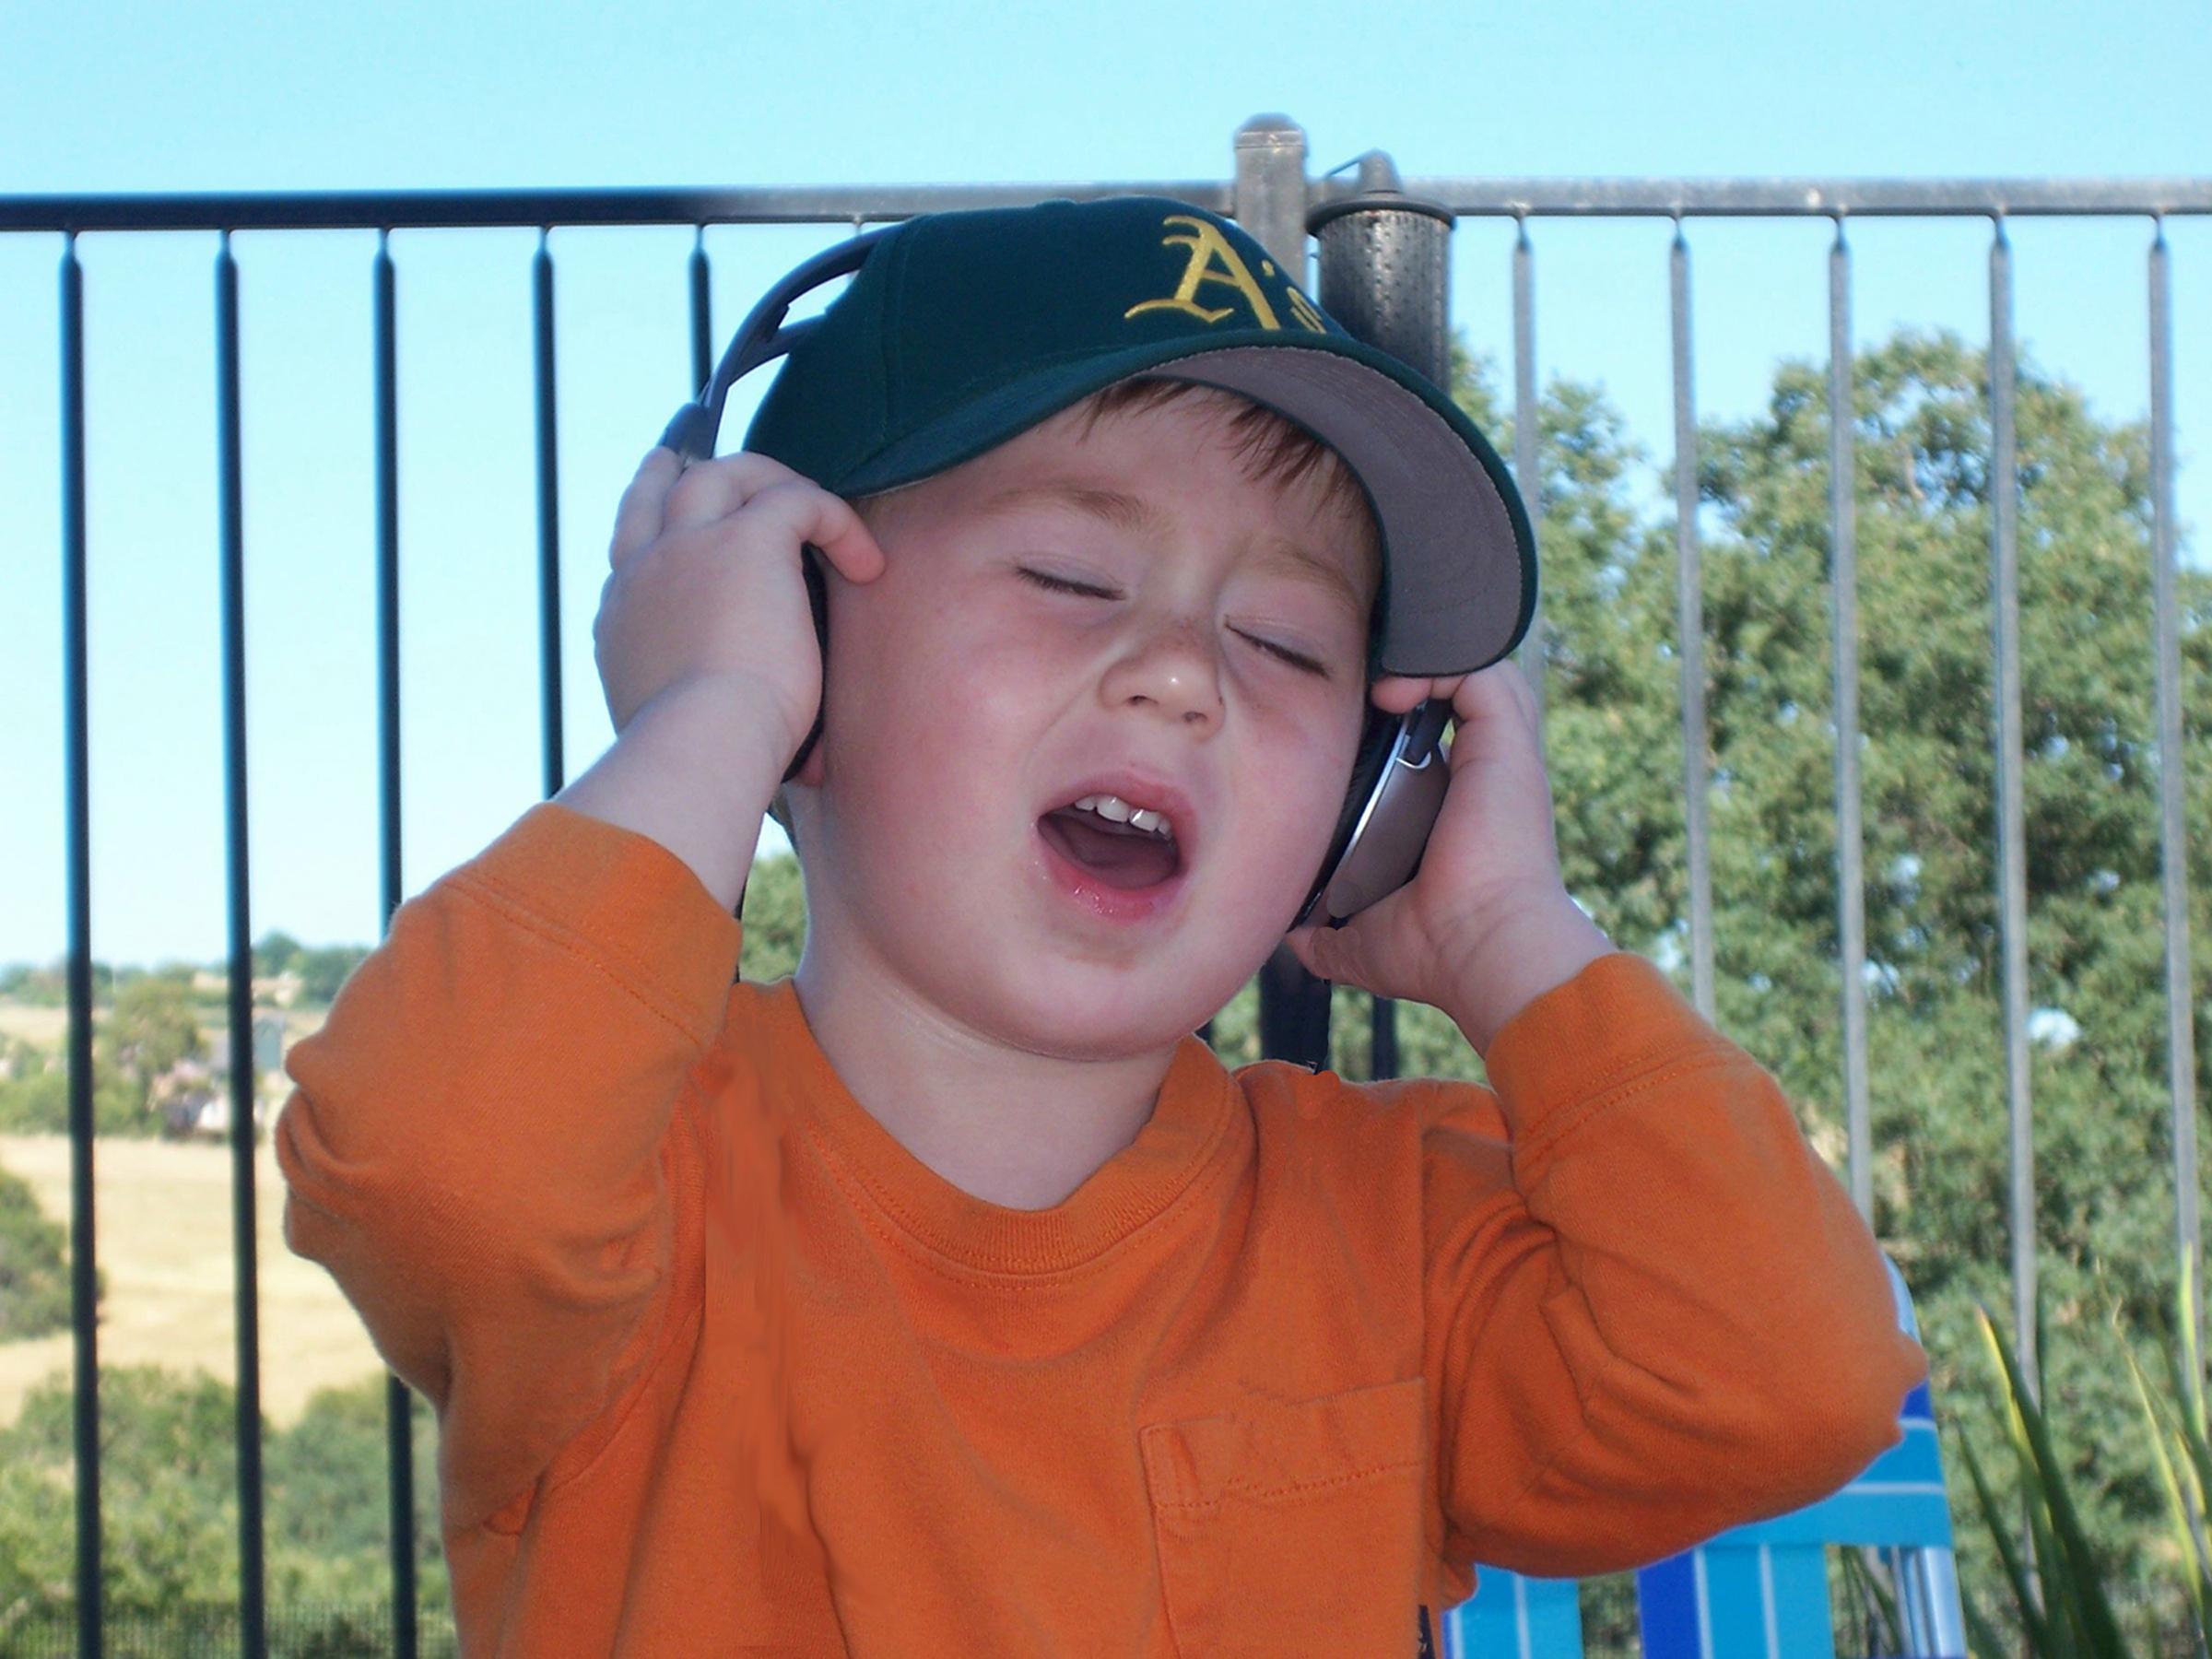 Kidz Gear Bluetooth Headphones for Kids